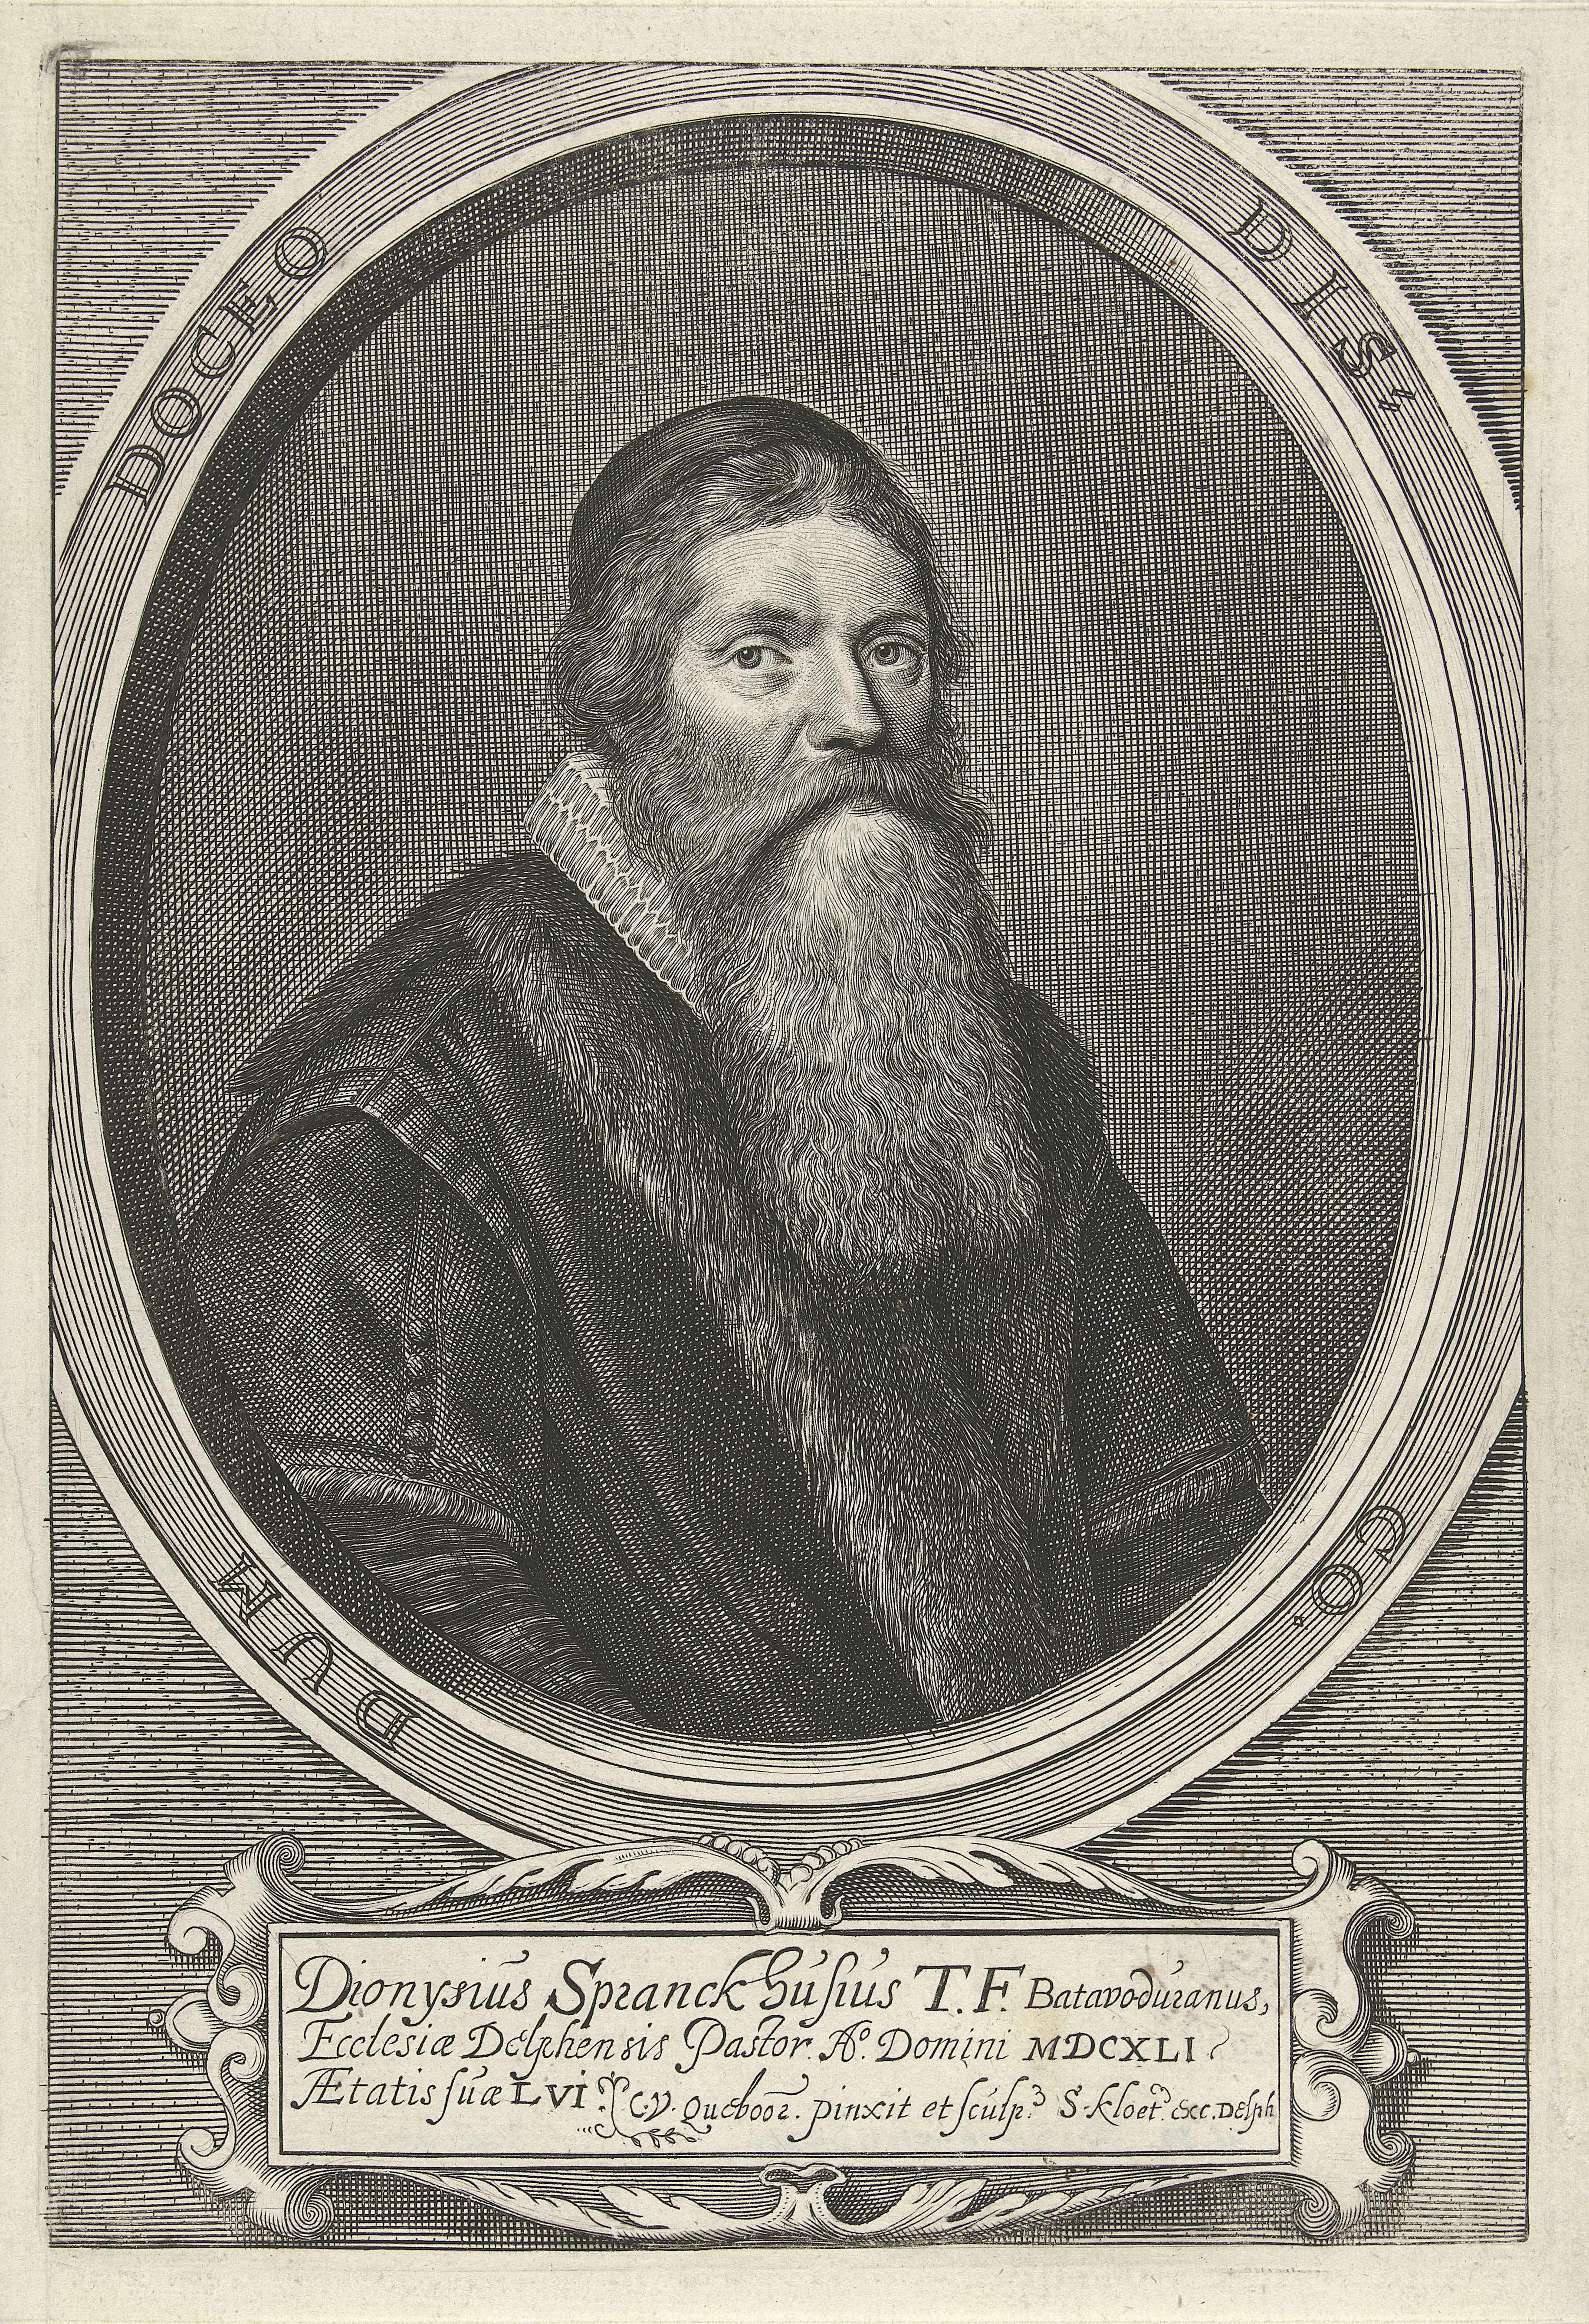 Crispijn van den Queborn | Portret van Dionysius Spranckhuysen, Crispijn van den Queborn, Simon Kloeting, 1641 | Portret van de predikant Dionysius Spranckhuysen, op 56 jarige leeftijd. Onder het portret een cartouche met zijn naam en titels in het Latijn.